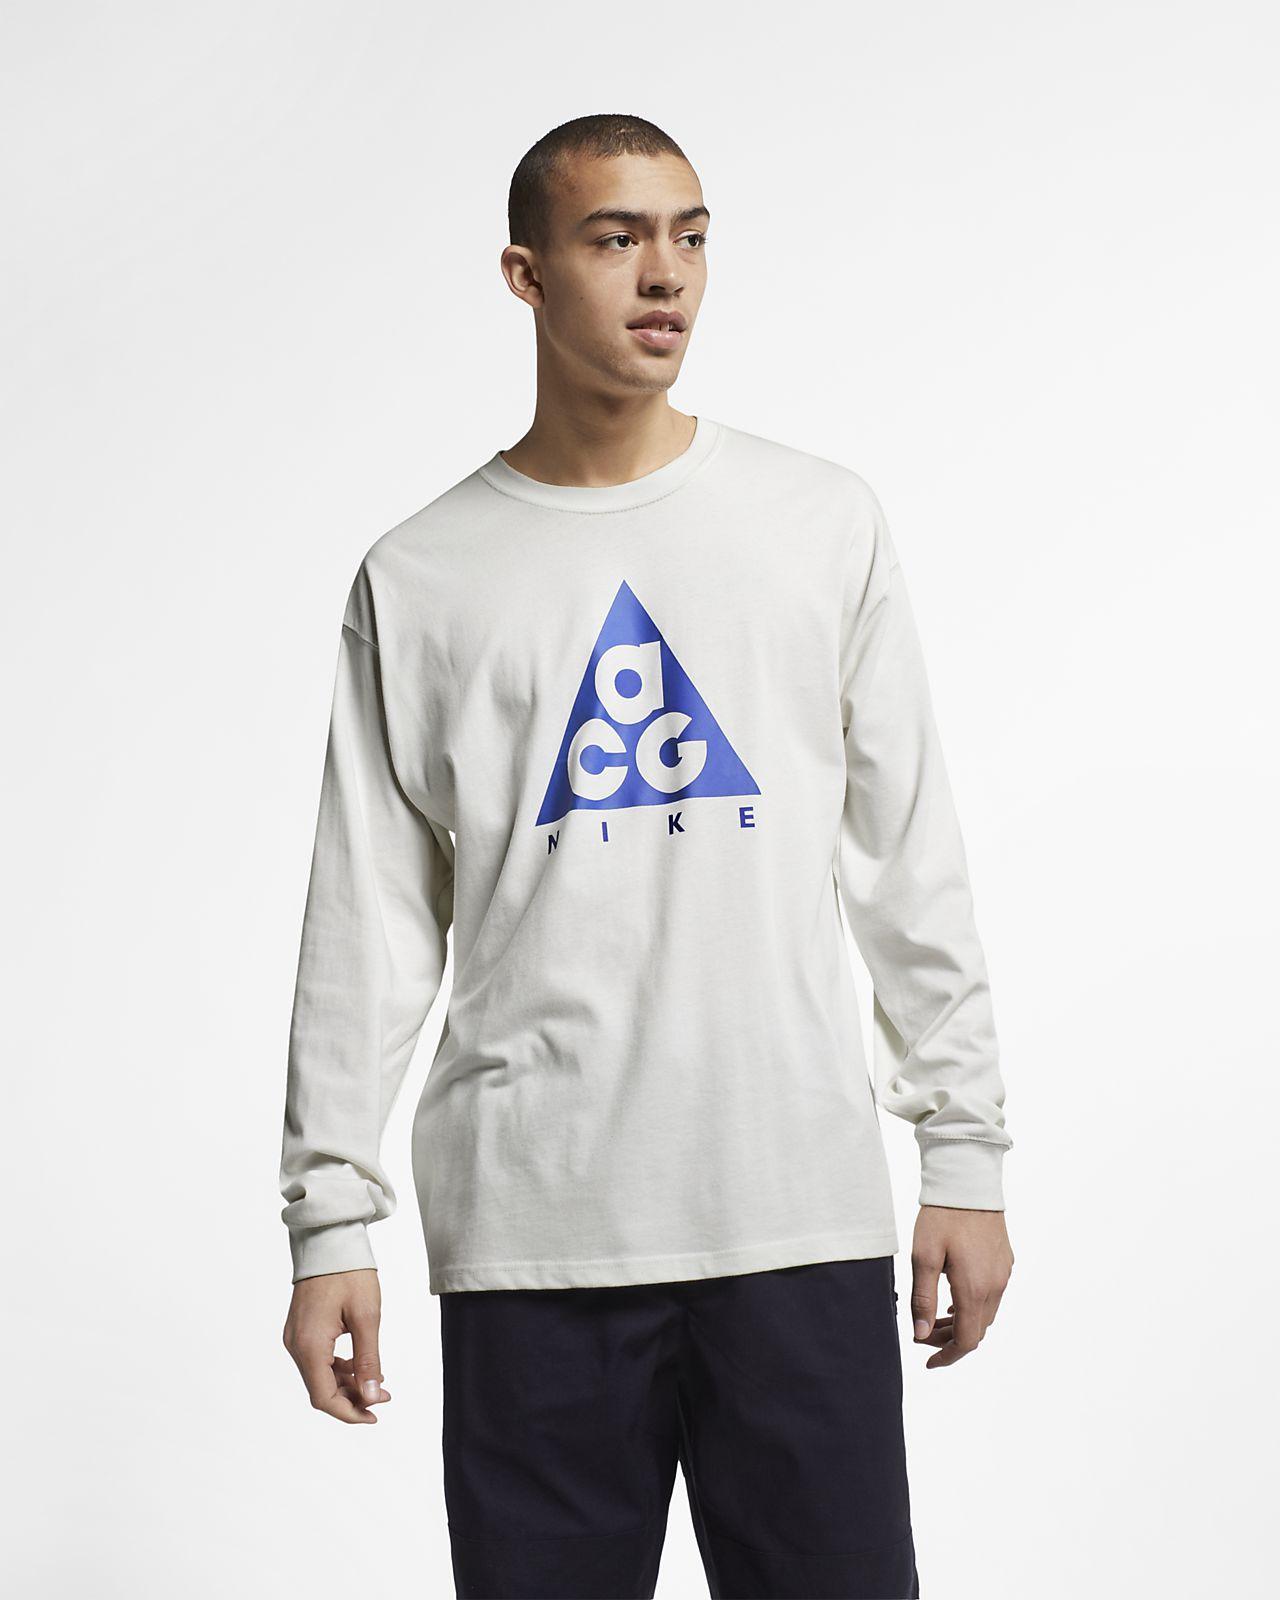 c325b99265ee4 Tee-shirt à manches longues Nike ACG. Nike.com FR